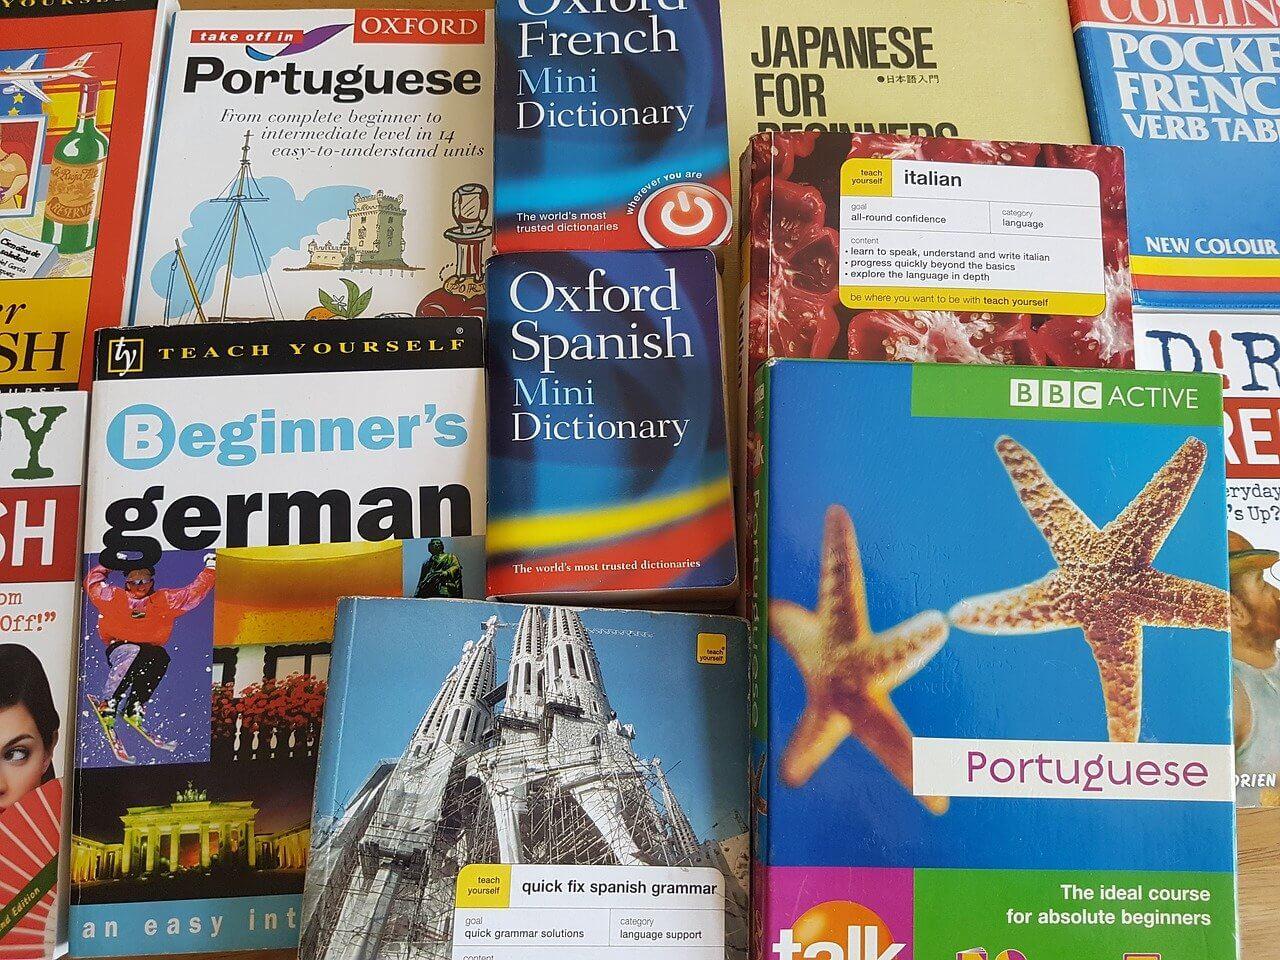 Verlust des Kindergeldes bei Auslandsstudium?